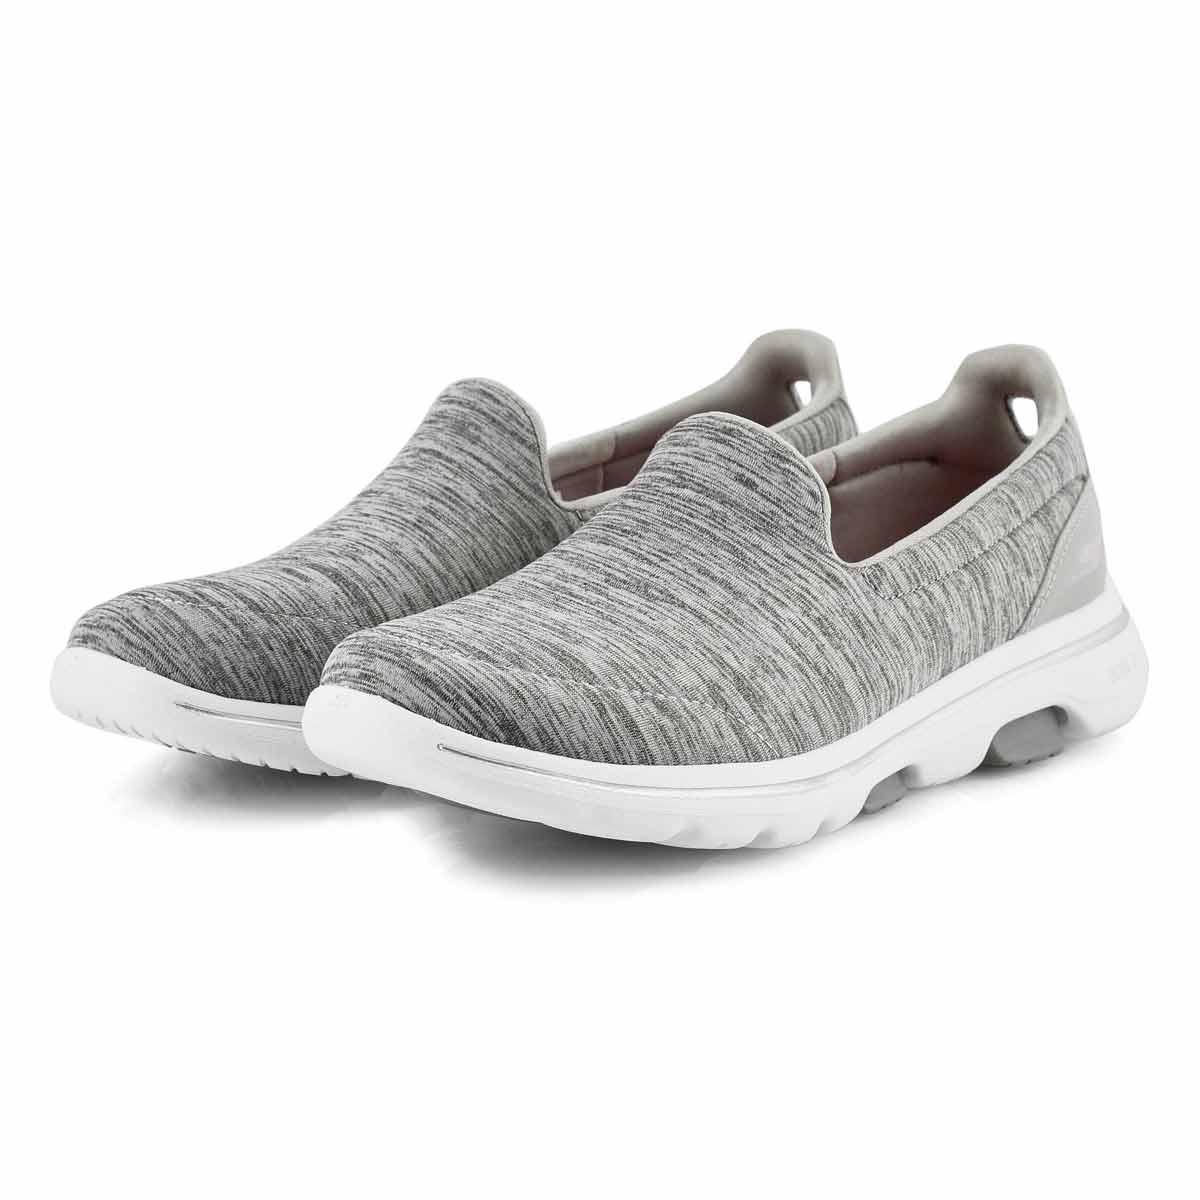 Lds GOwalk 5 Honor grey slip on shoe